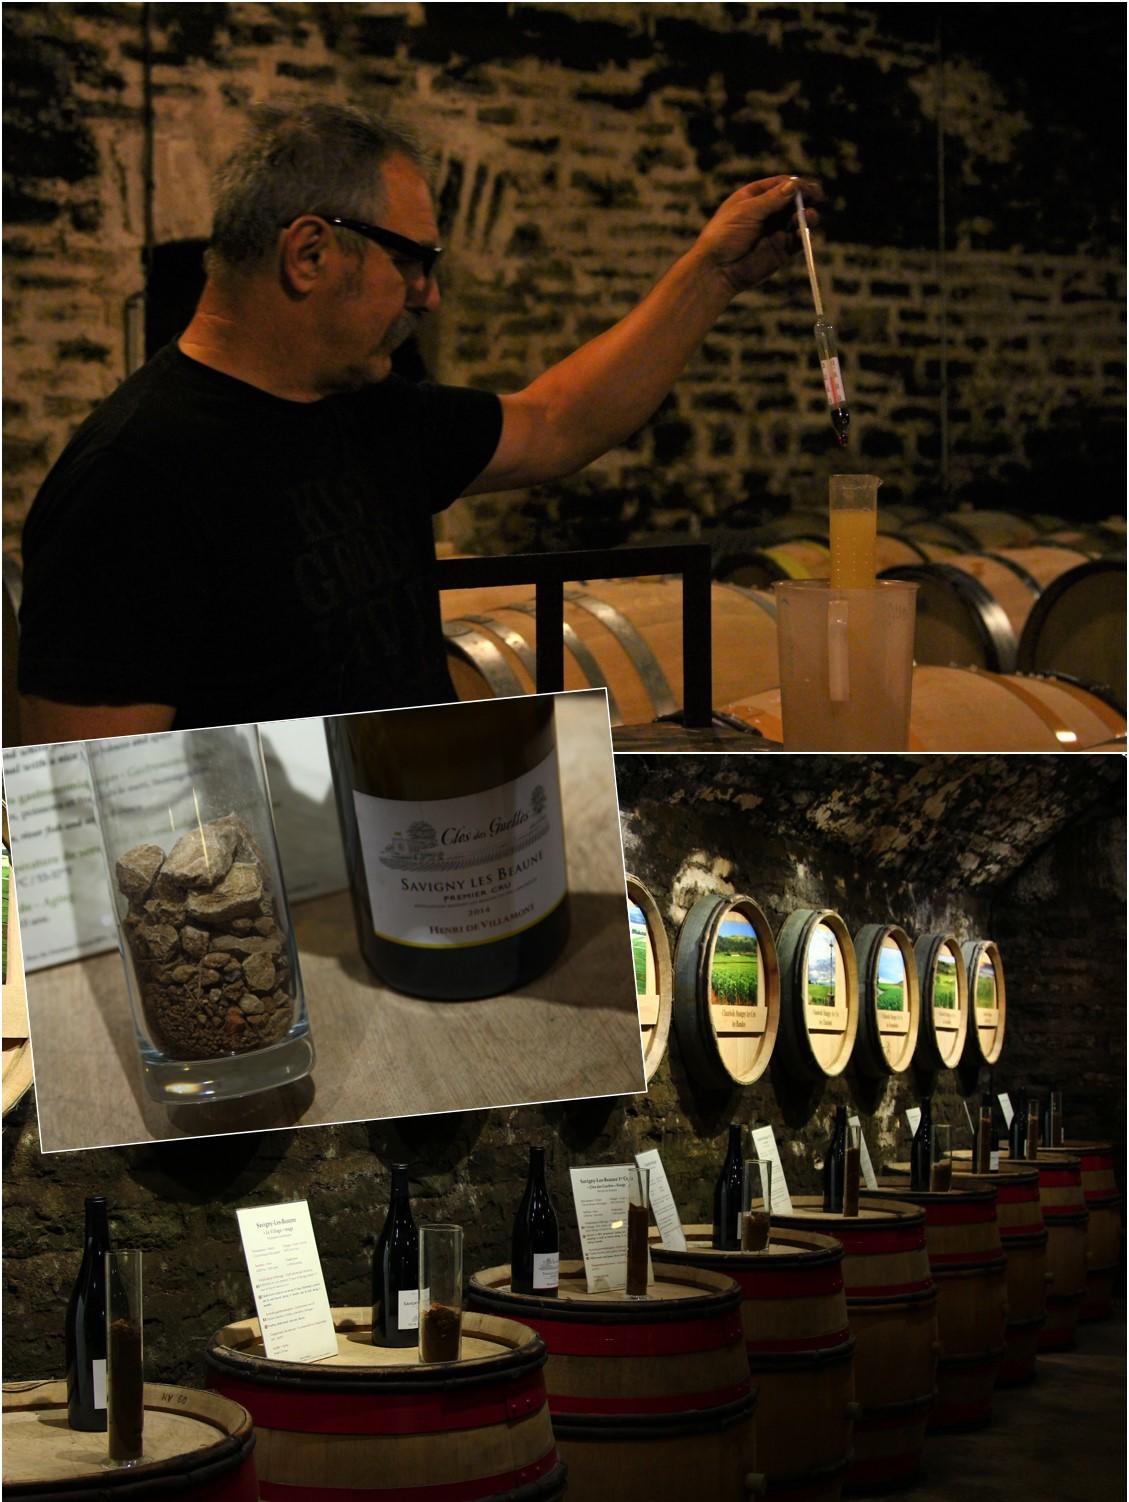 ブルゴーニュ ワイン旅_a0107981_17144107.jpg